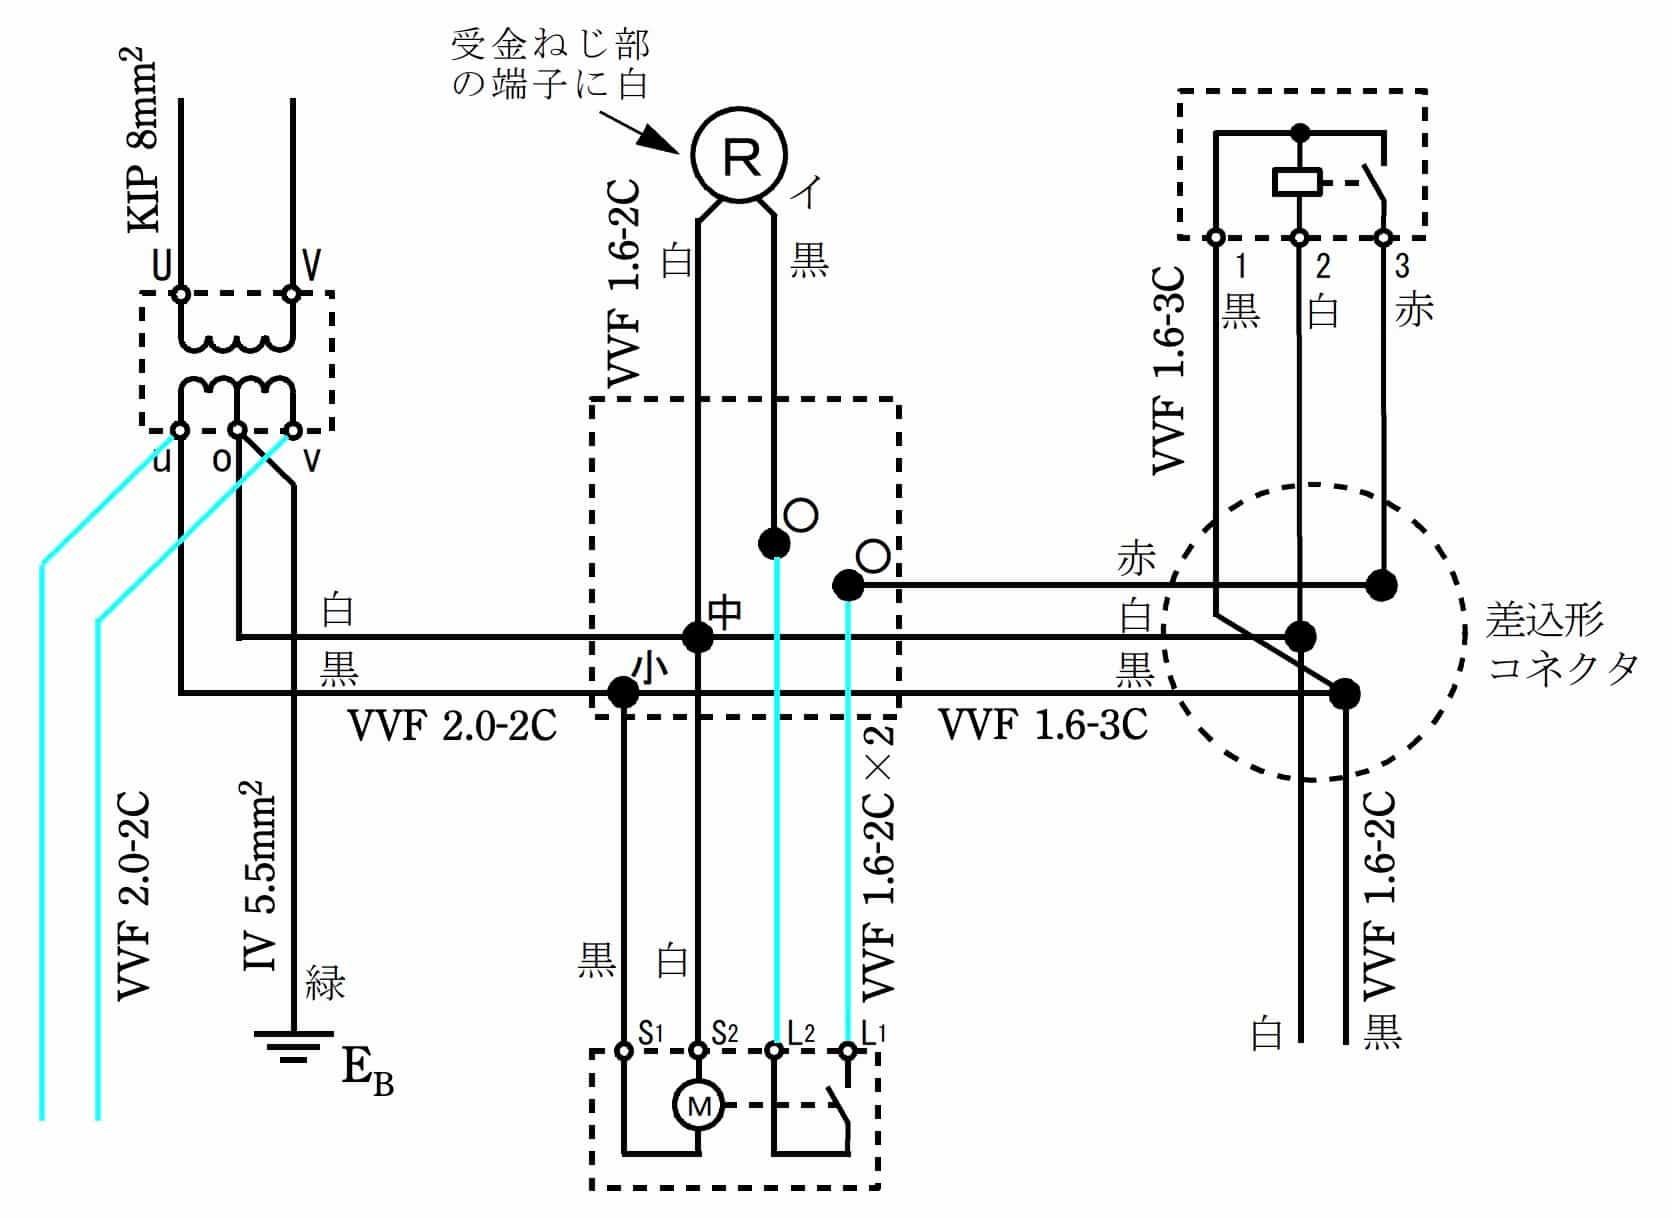 第一種電気工事士の技能試験の試験問題No.9の複線図